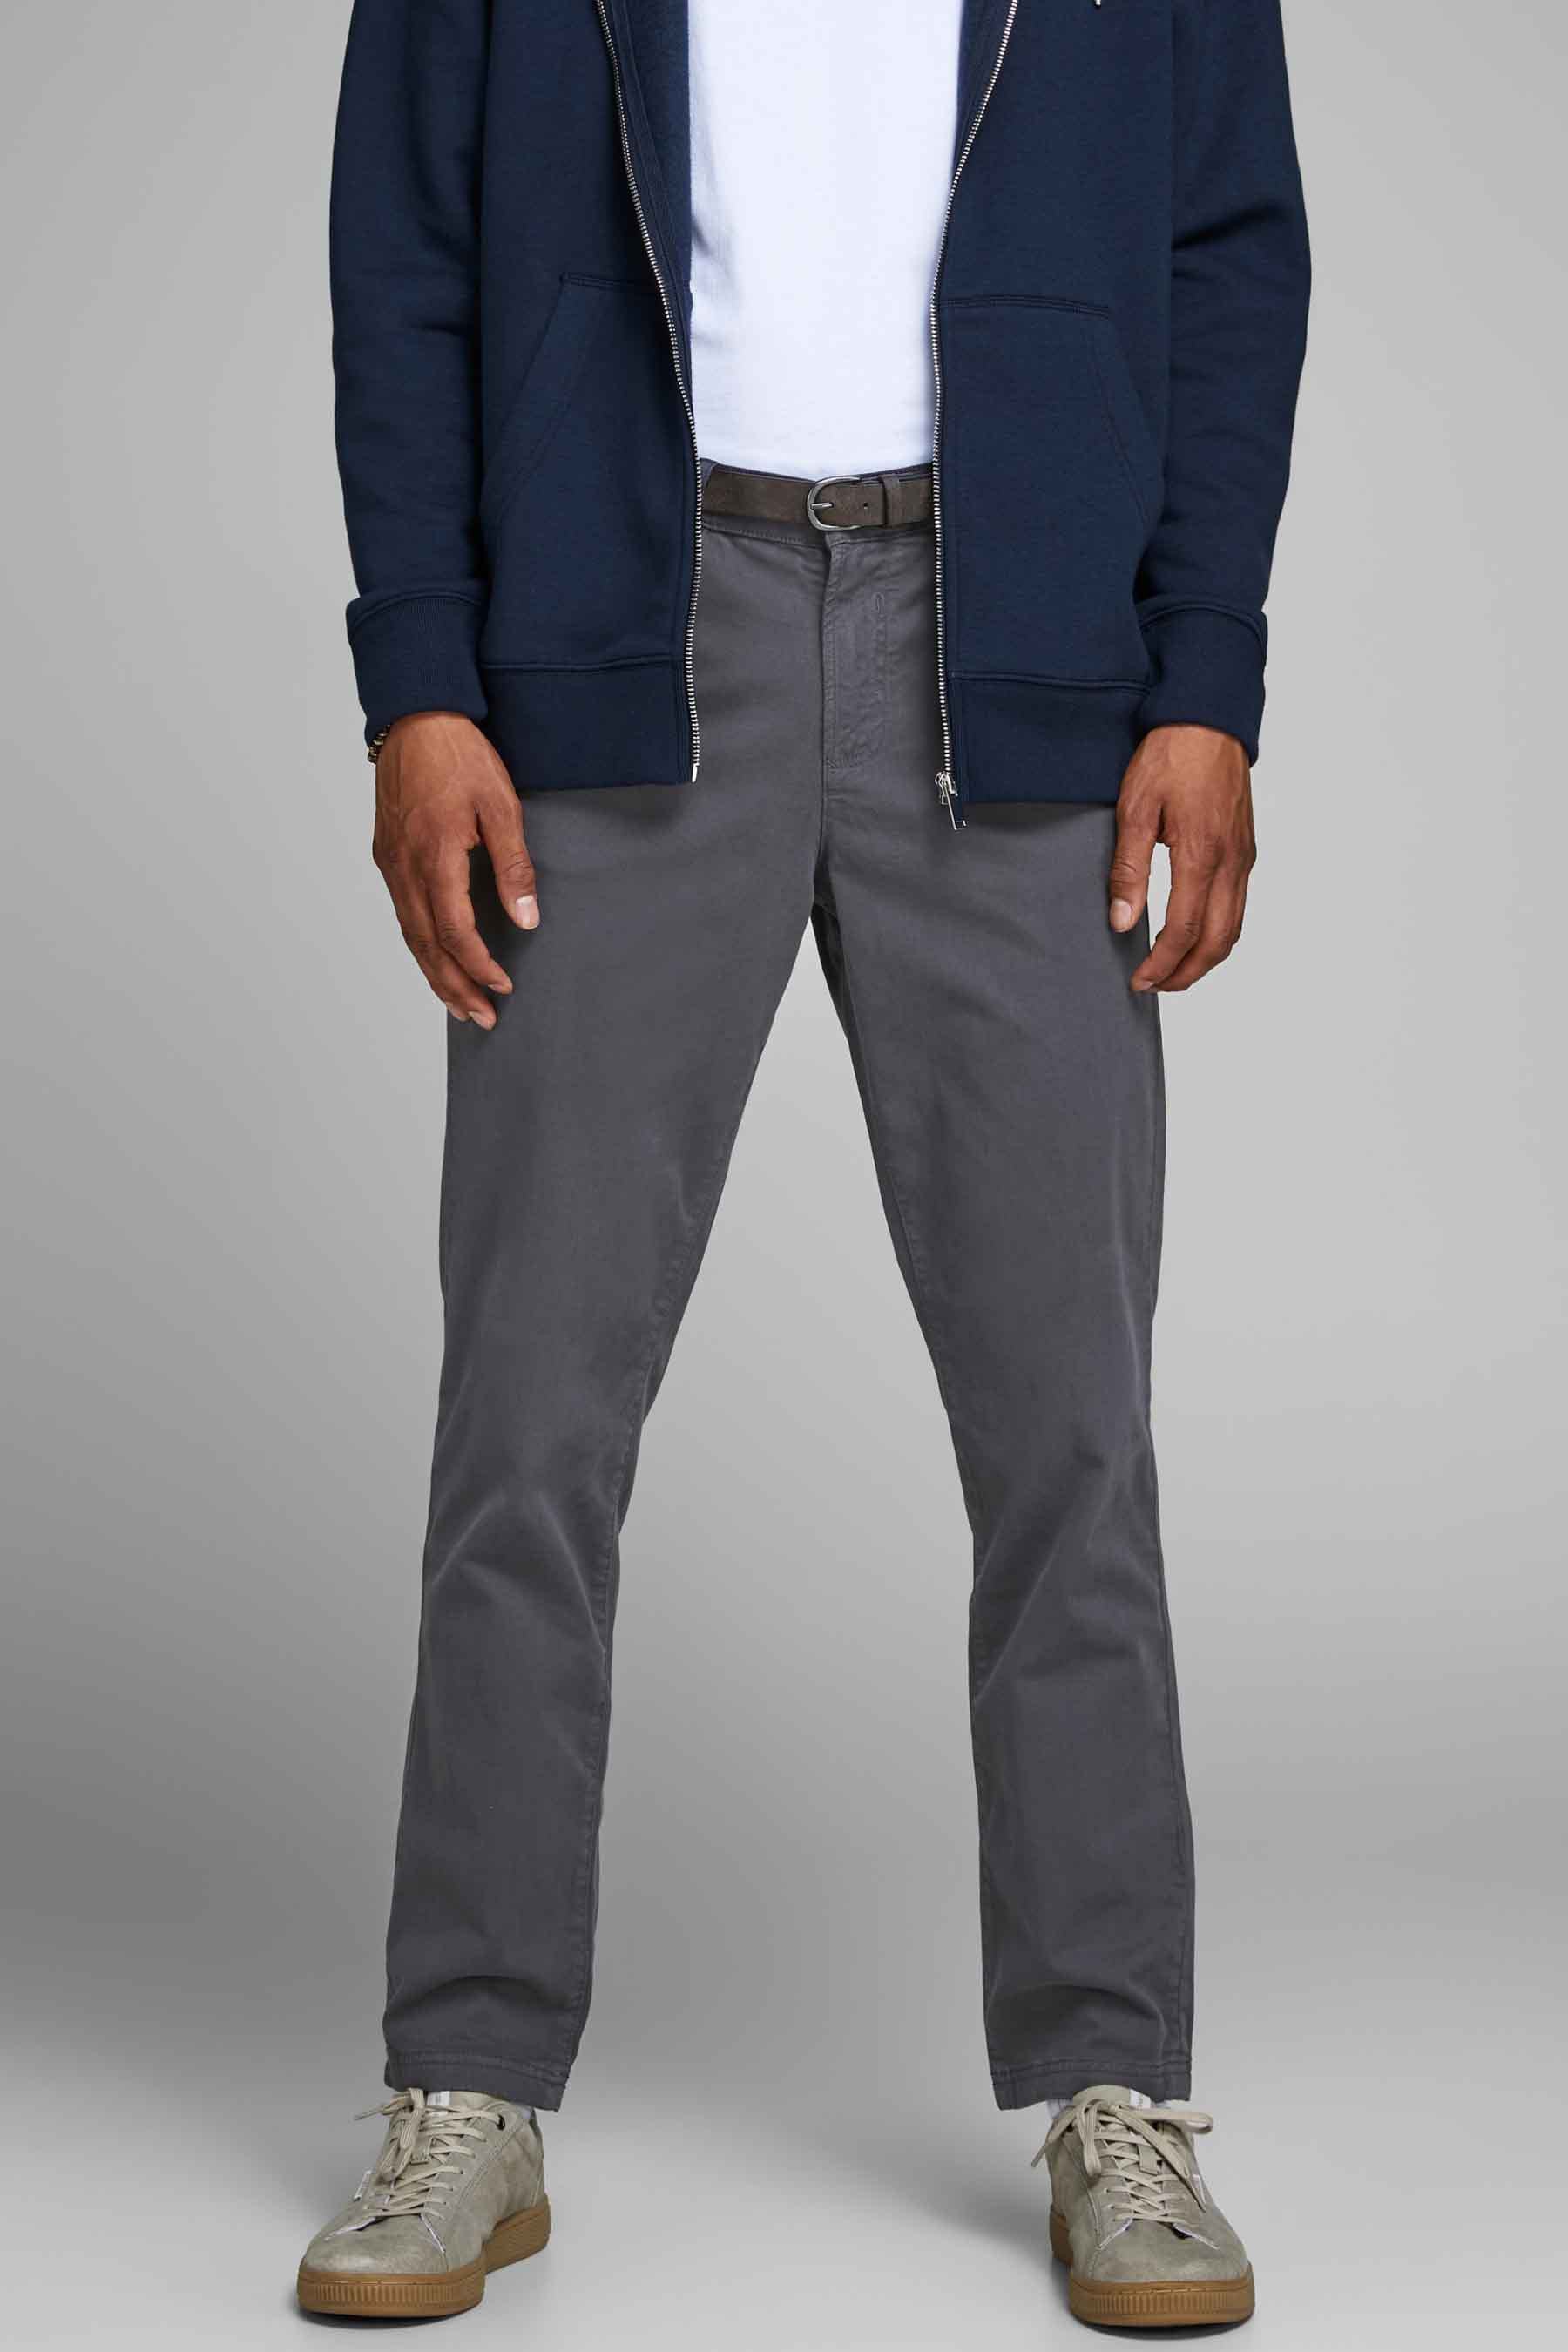 Jack & Jones Jeans Intelligence Chino, Grijs, Heren, Maat: 27x32/28x34/29x34